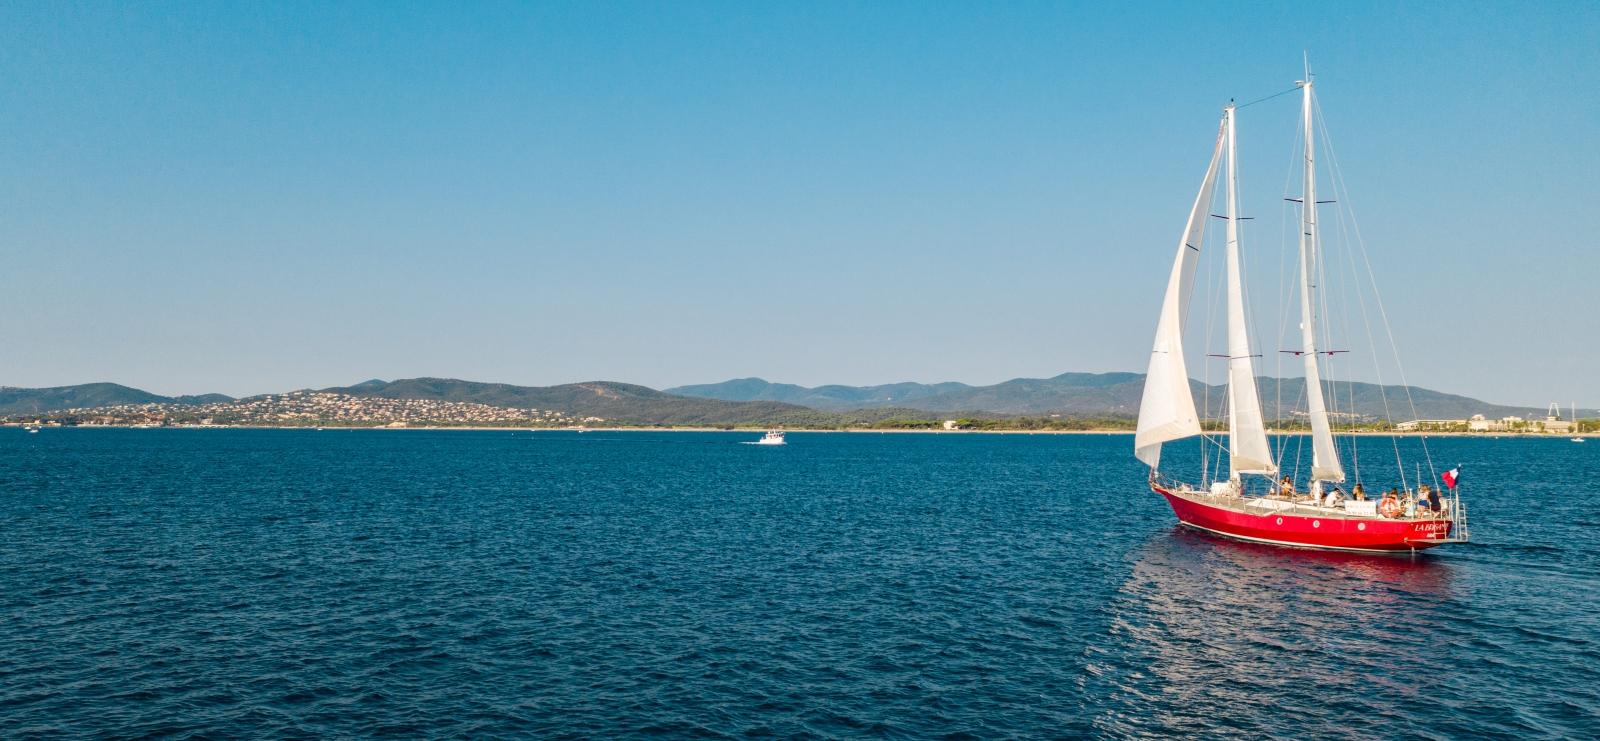 Les voiles de Saint-Tropez en voilier